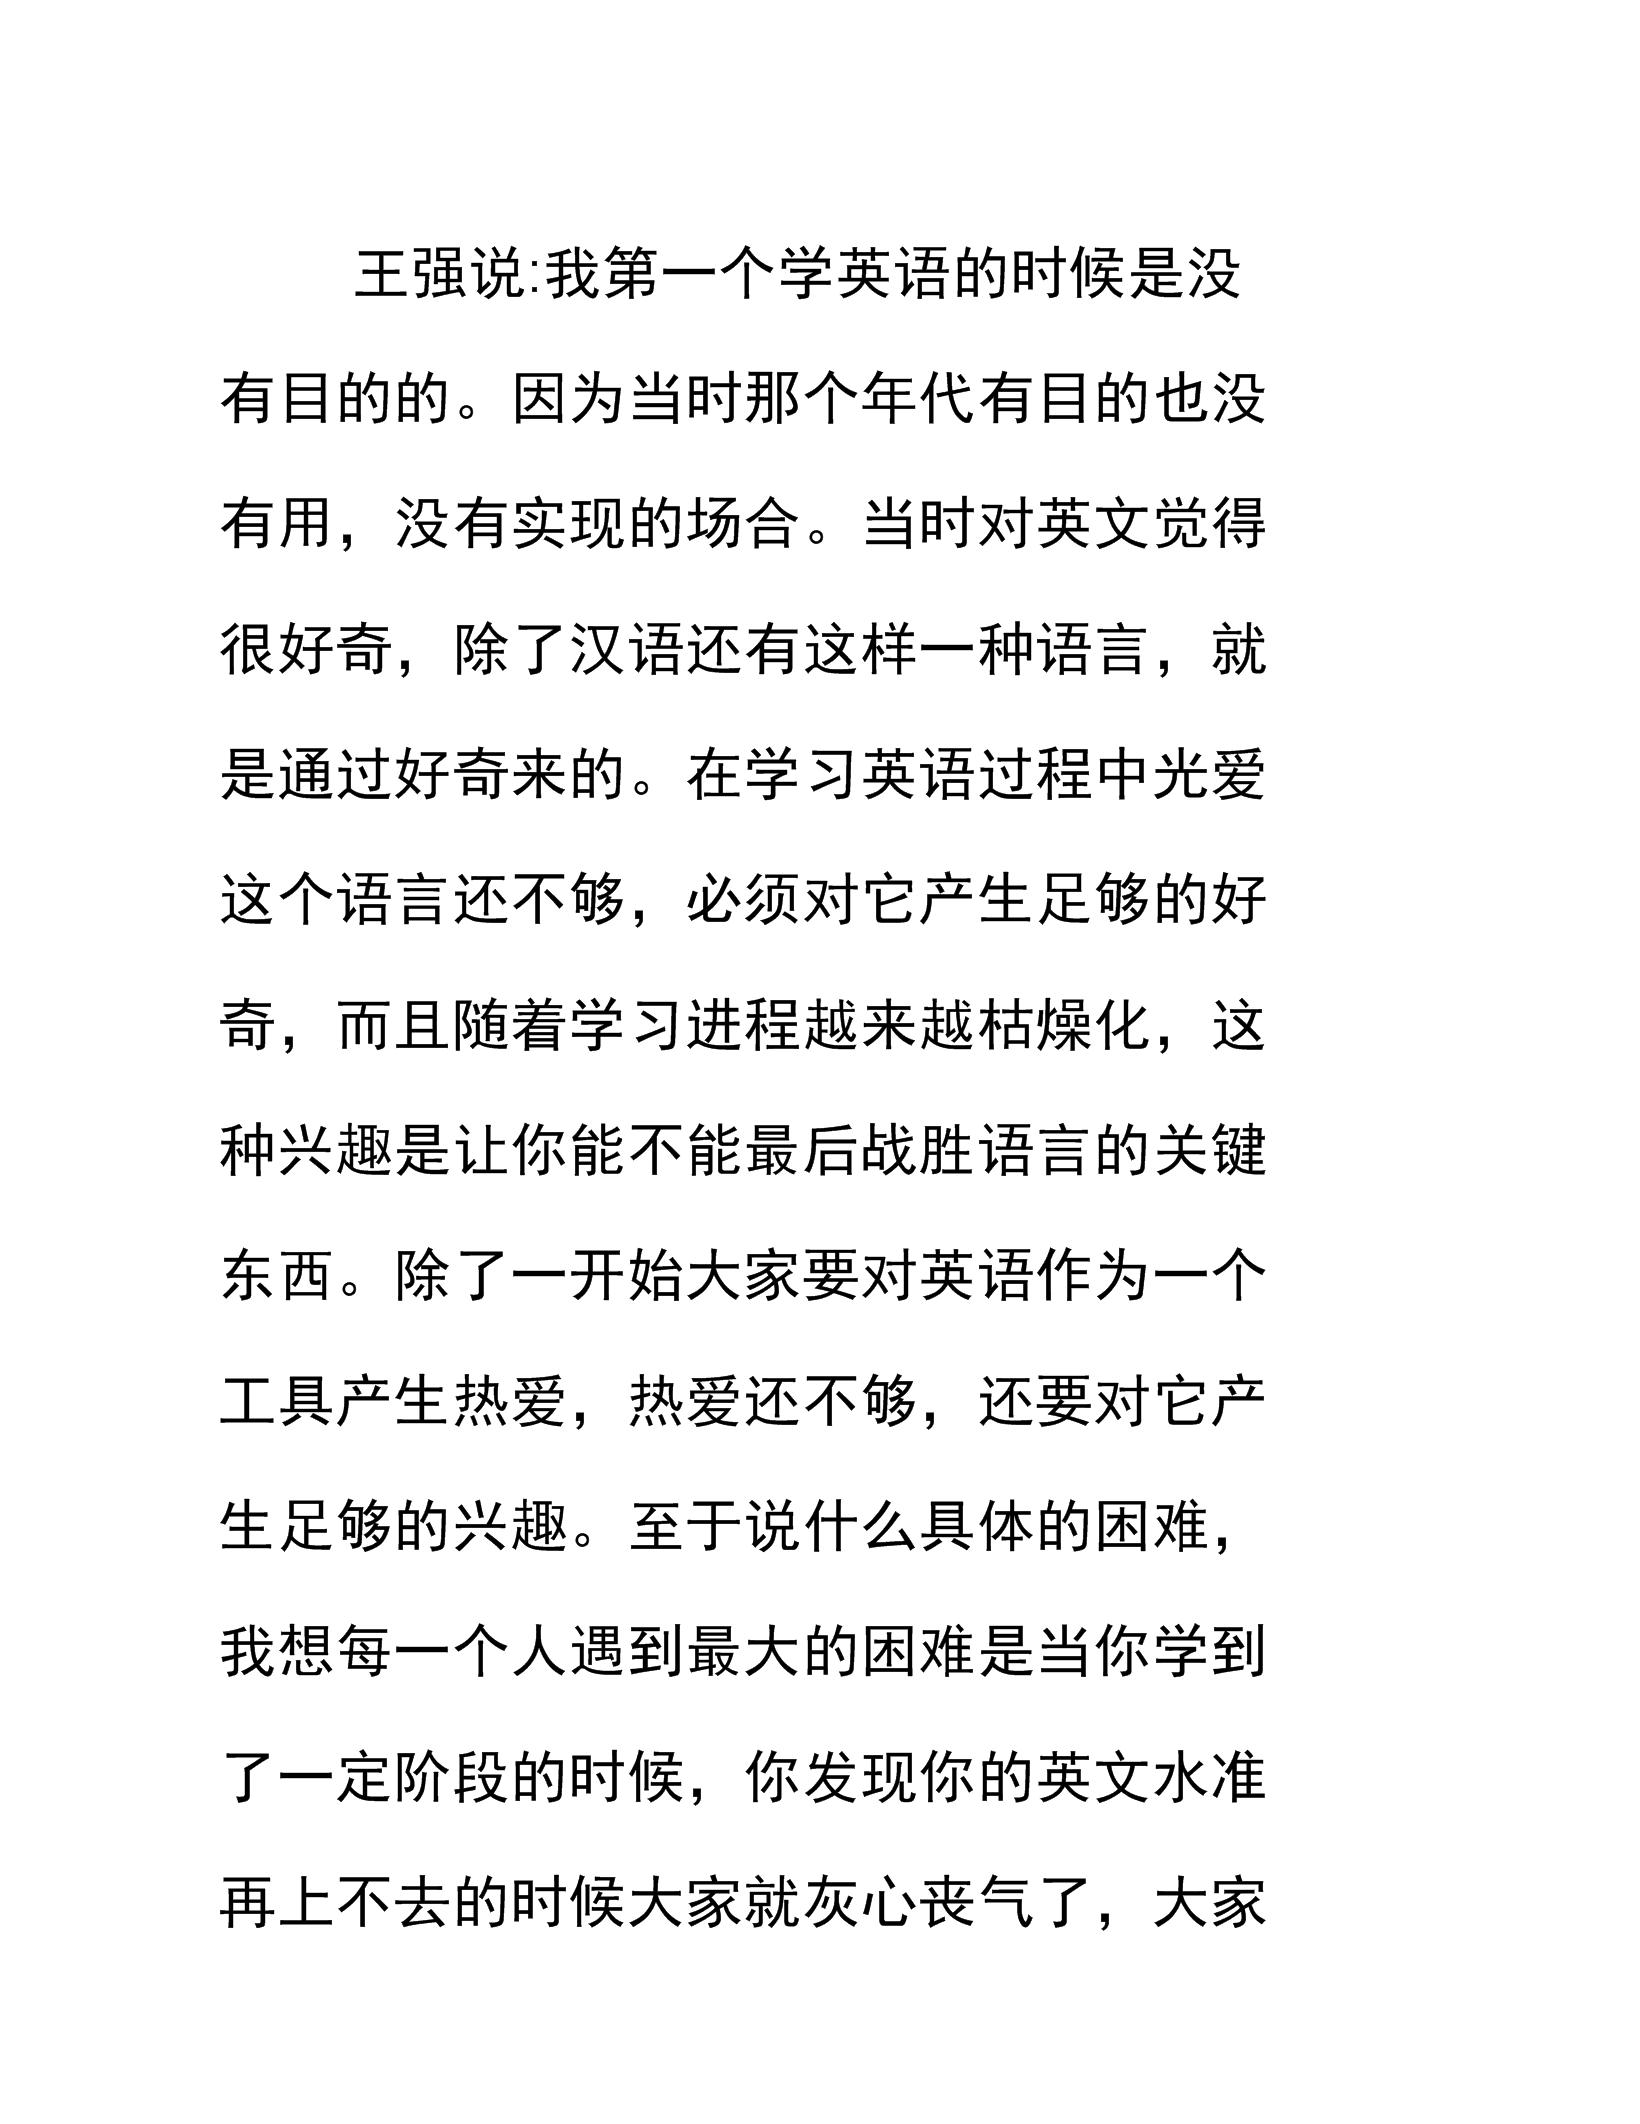 4组减肥瑜伽坐着消除全身赘肉(图)..docx